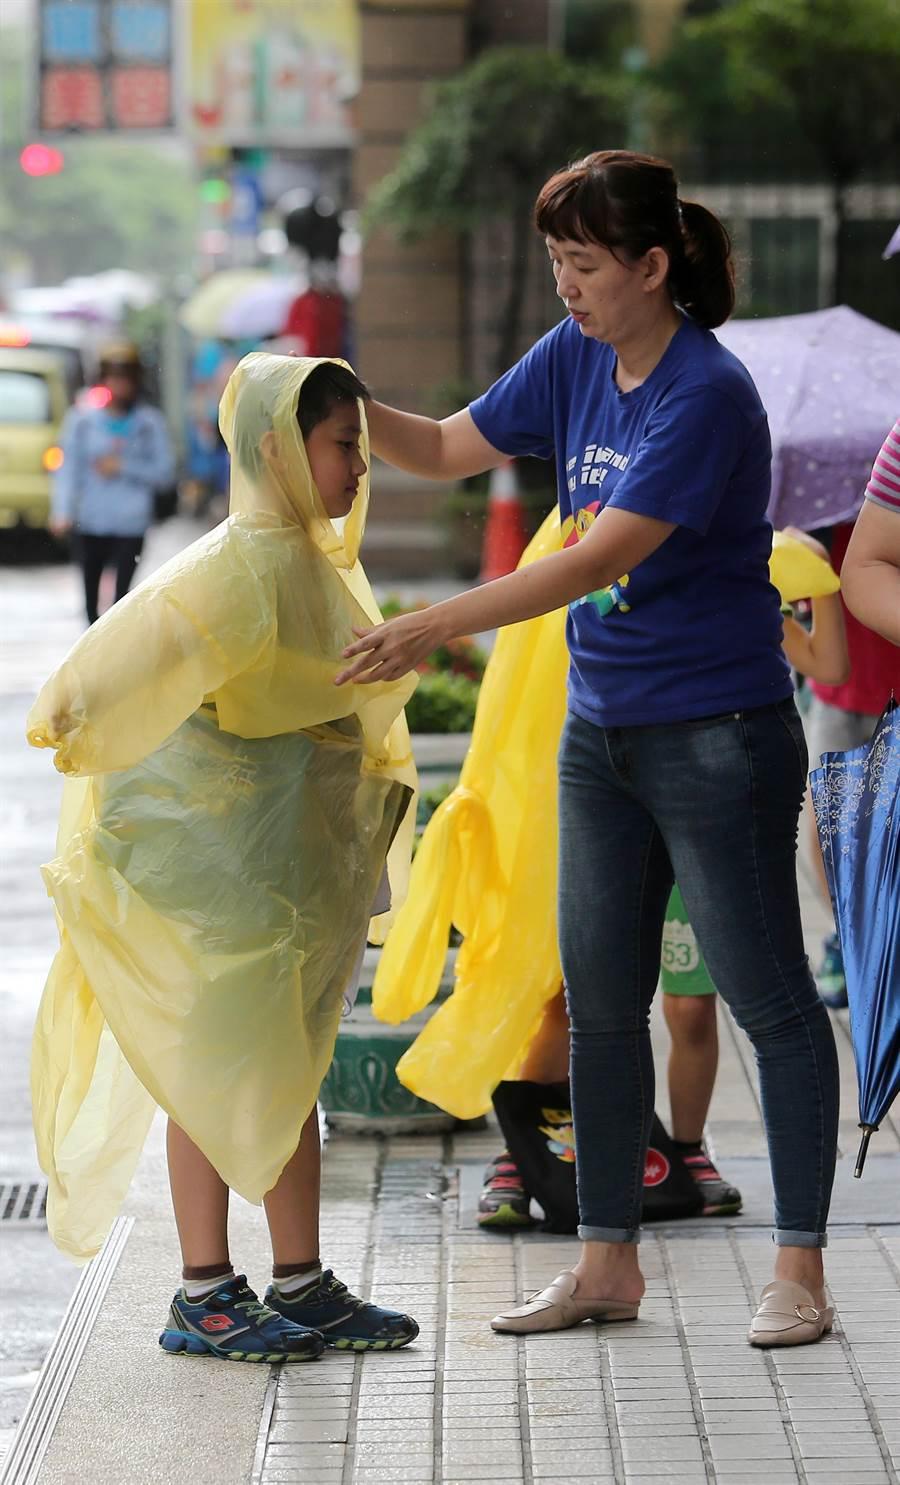 安親班老師細心地幫孩童穿上輕便雨衣。(黃世麒攝)